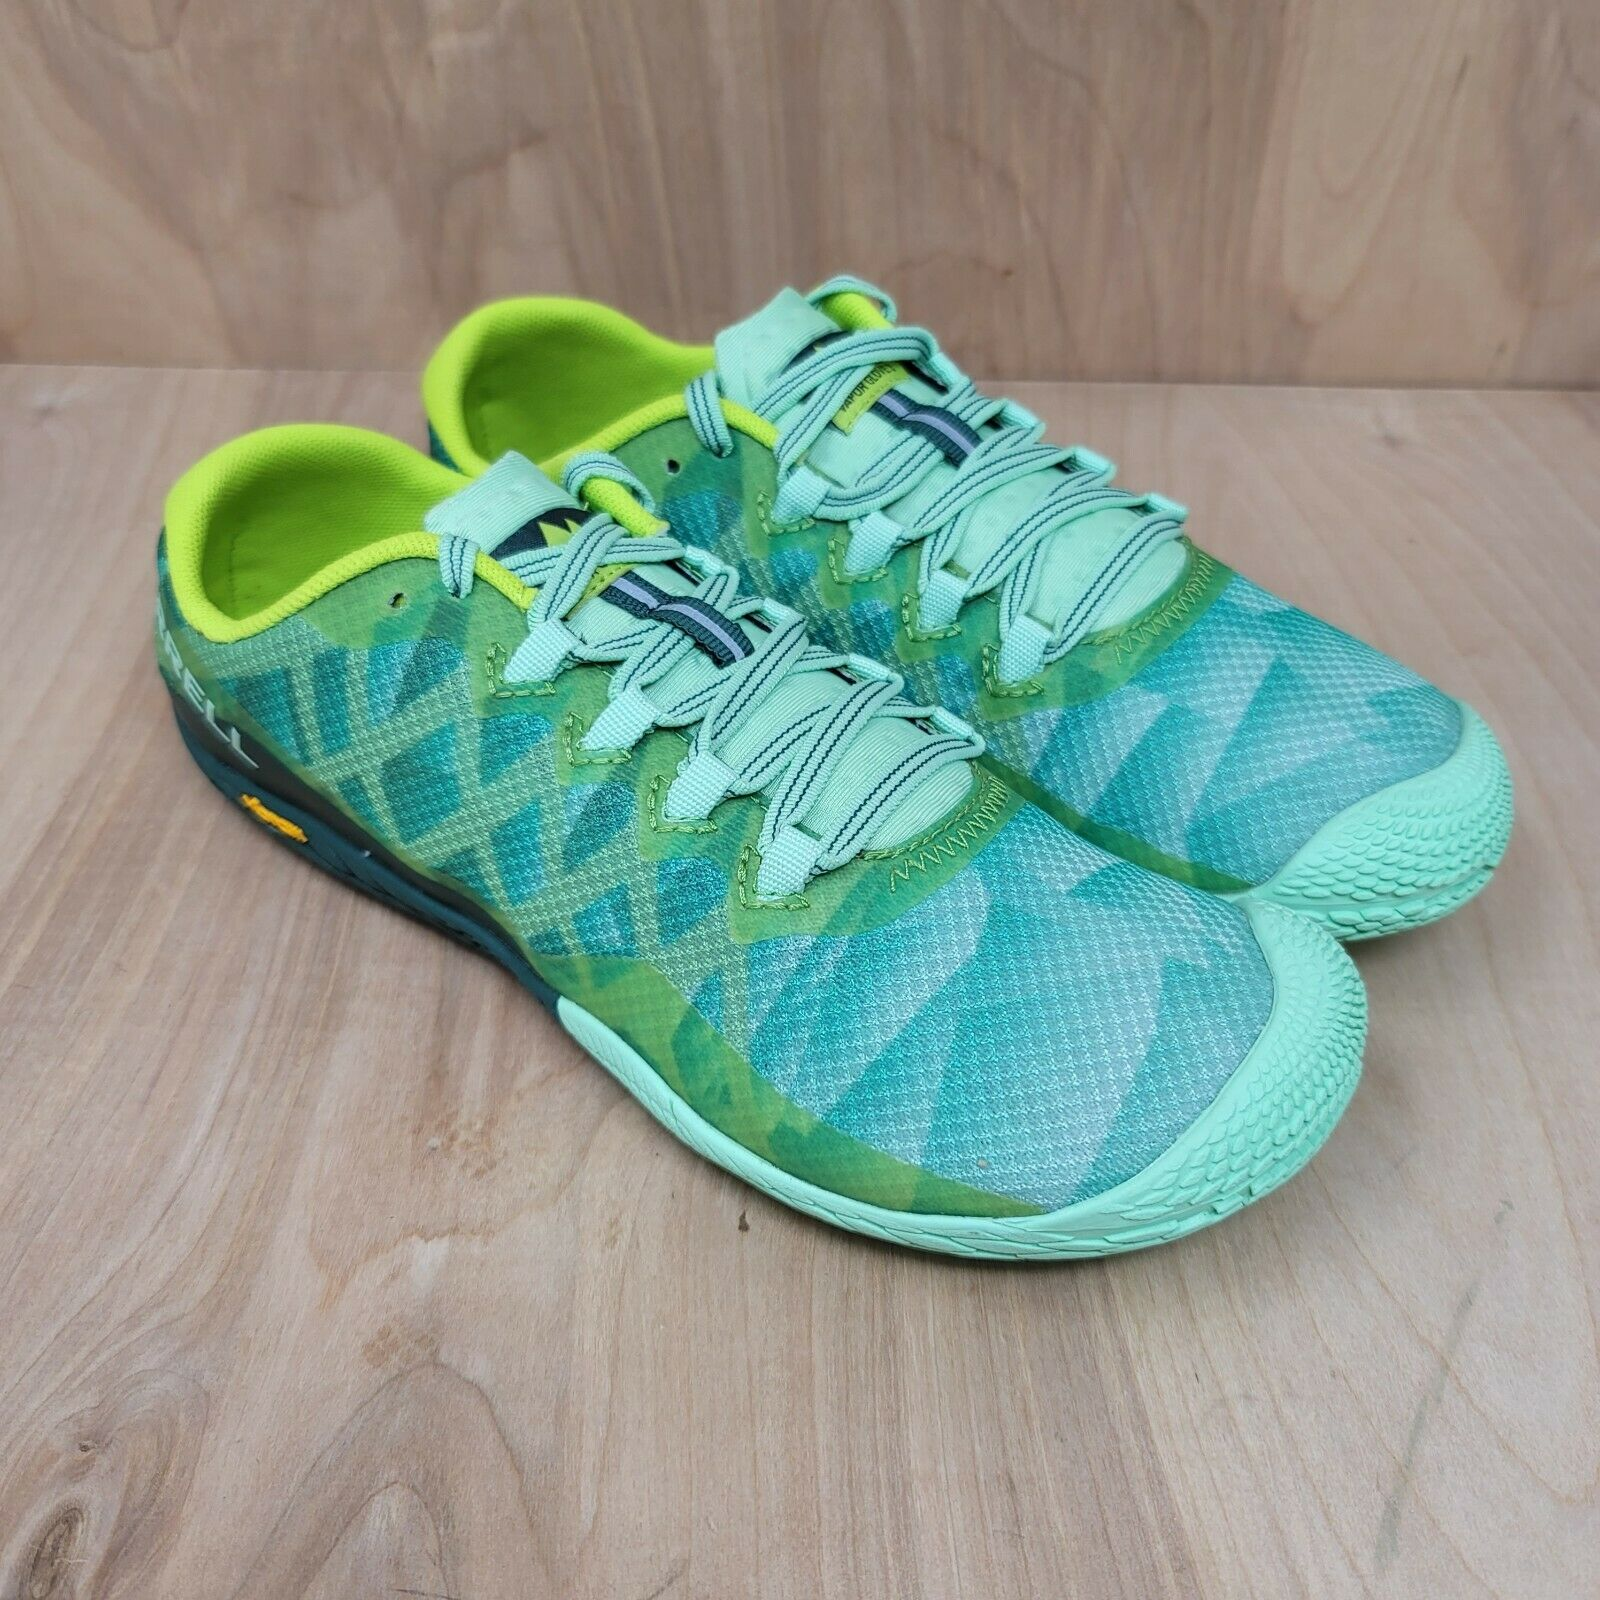 Merrell Vapor Glove 3 pour femme Pieds Nus Randonnée Trail Running Shoes sz 8.5 J12678